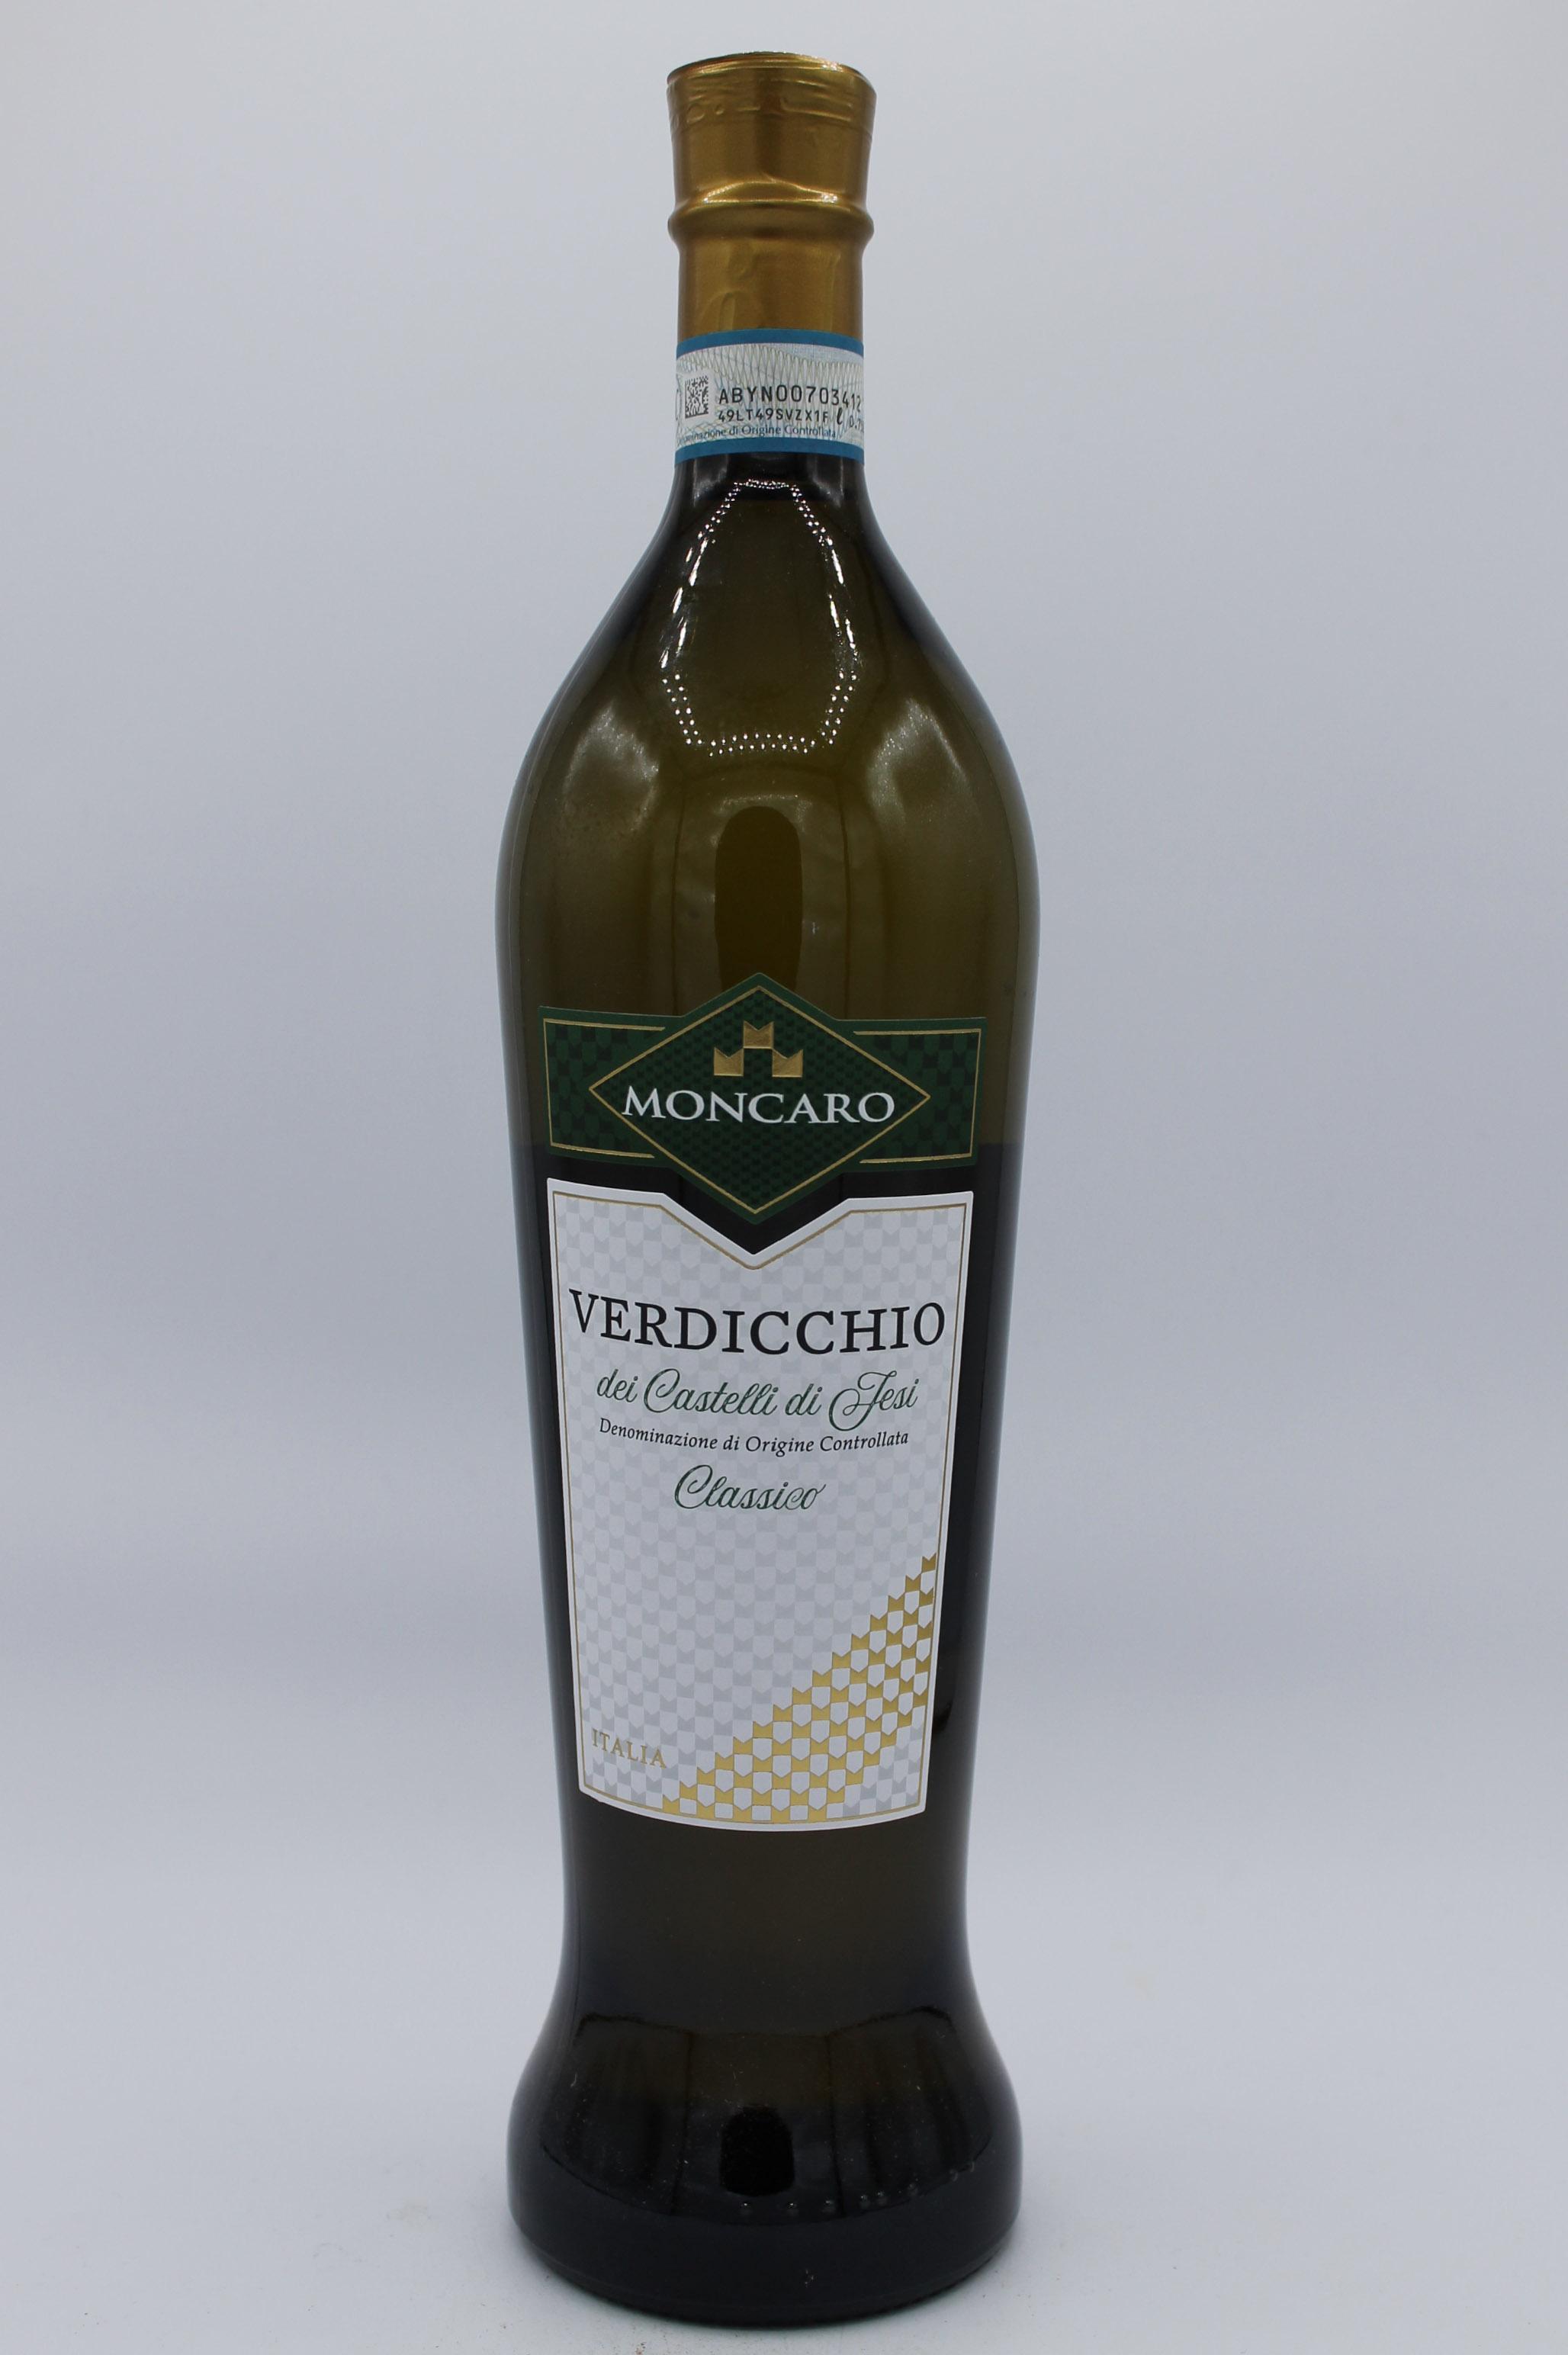 Moncaro Verdicchio DOC 750ml.